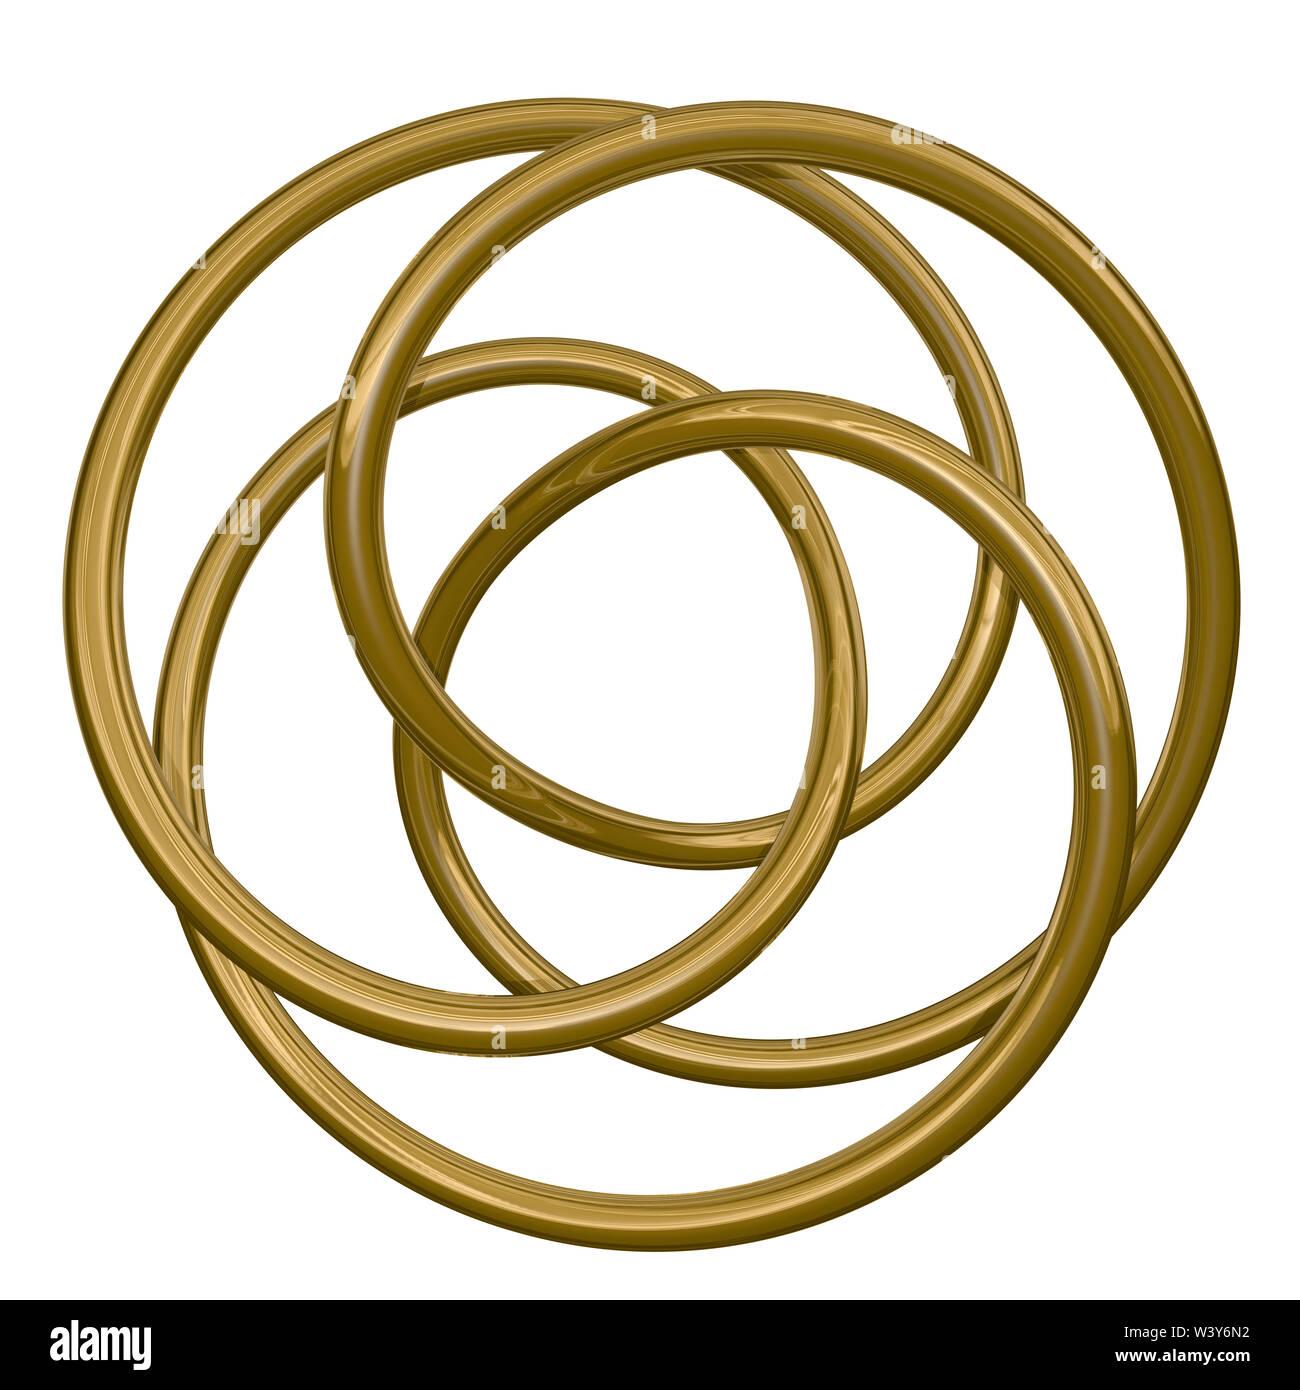 3d illustrazione di incastro golden anelli in metallo su sfondo bianco Immagini Stock